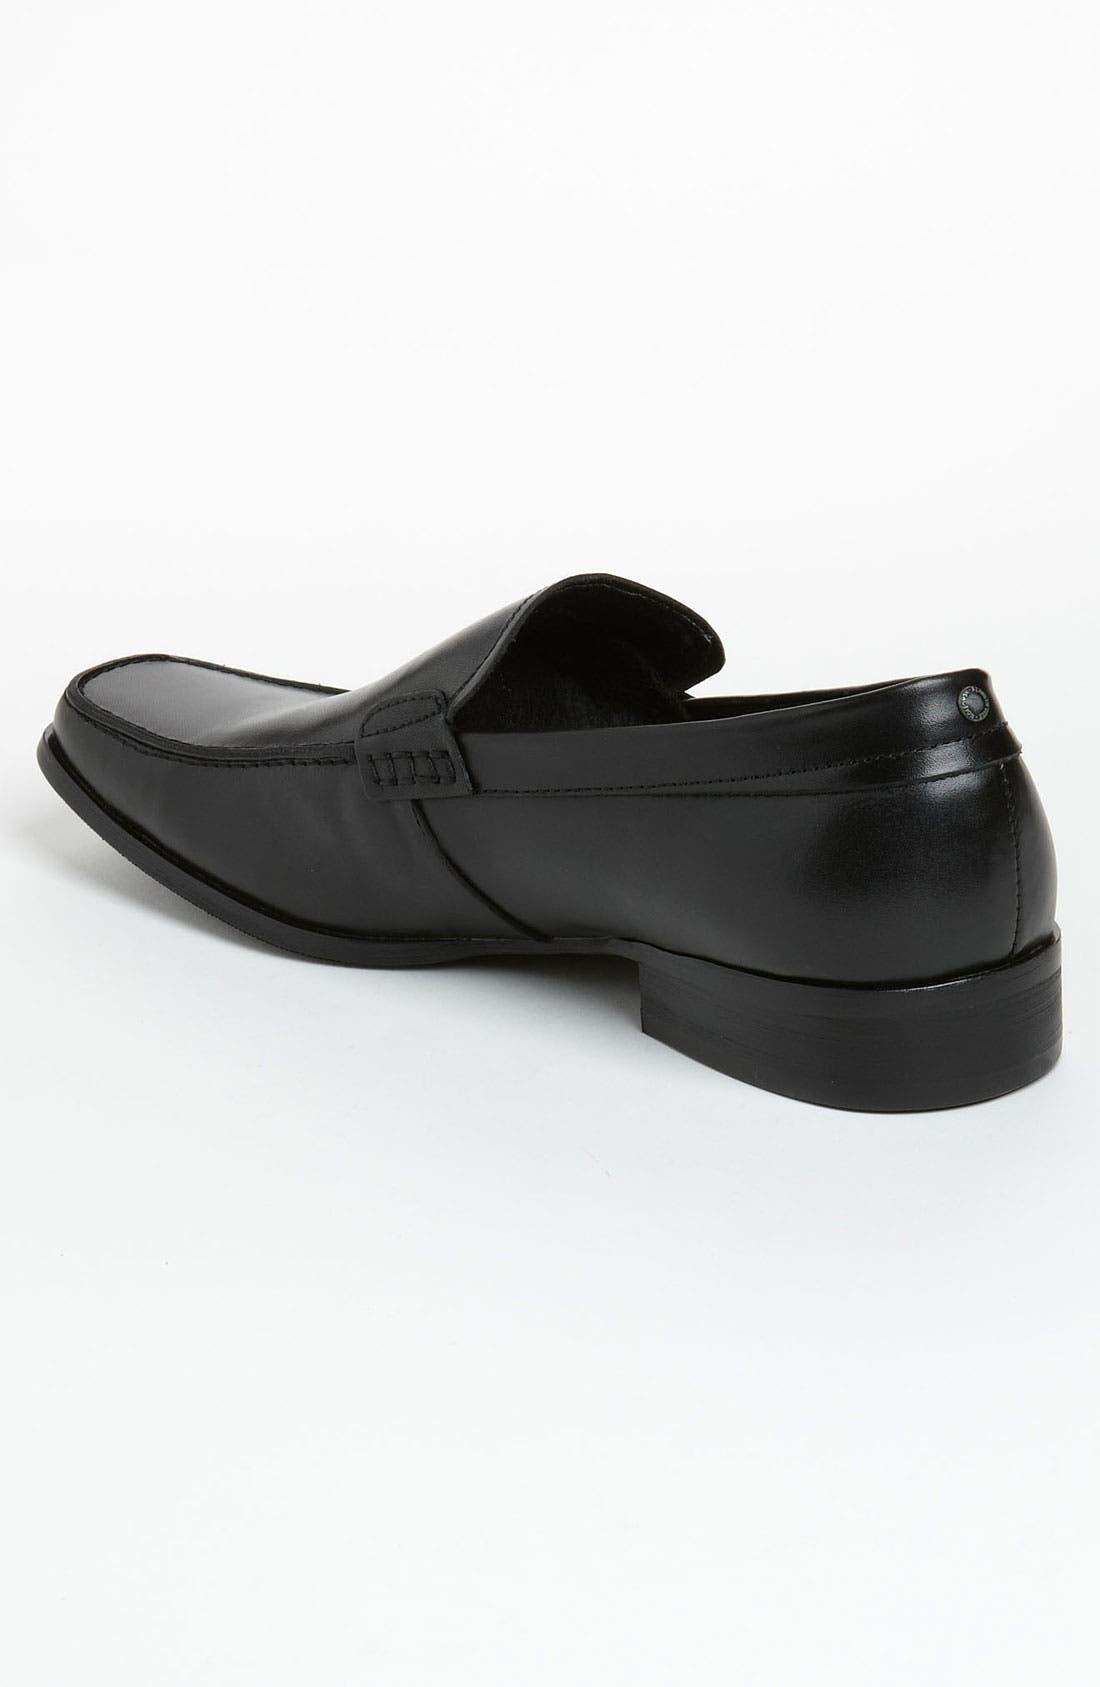 Alternate Image 2  - Kenneth Cole Reaction 'Foot Model' Loafer (Online Only)